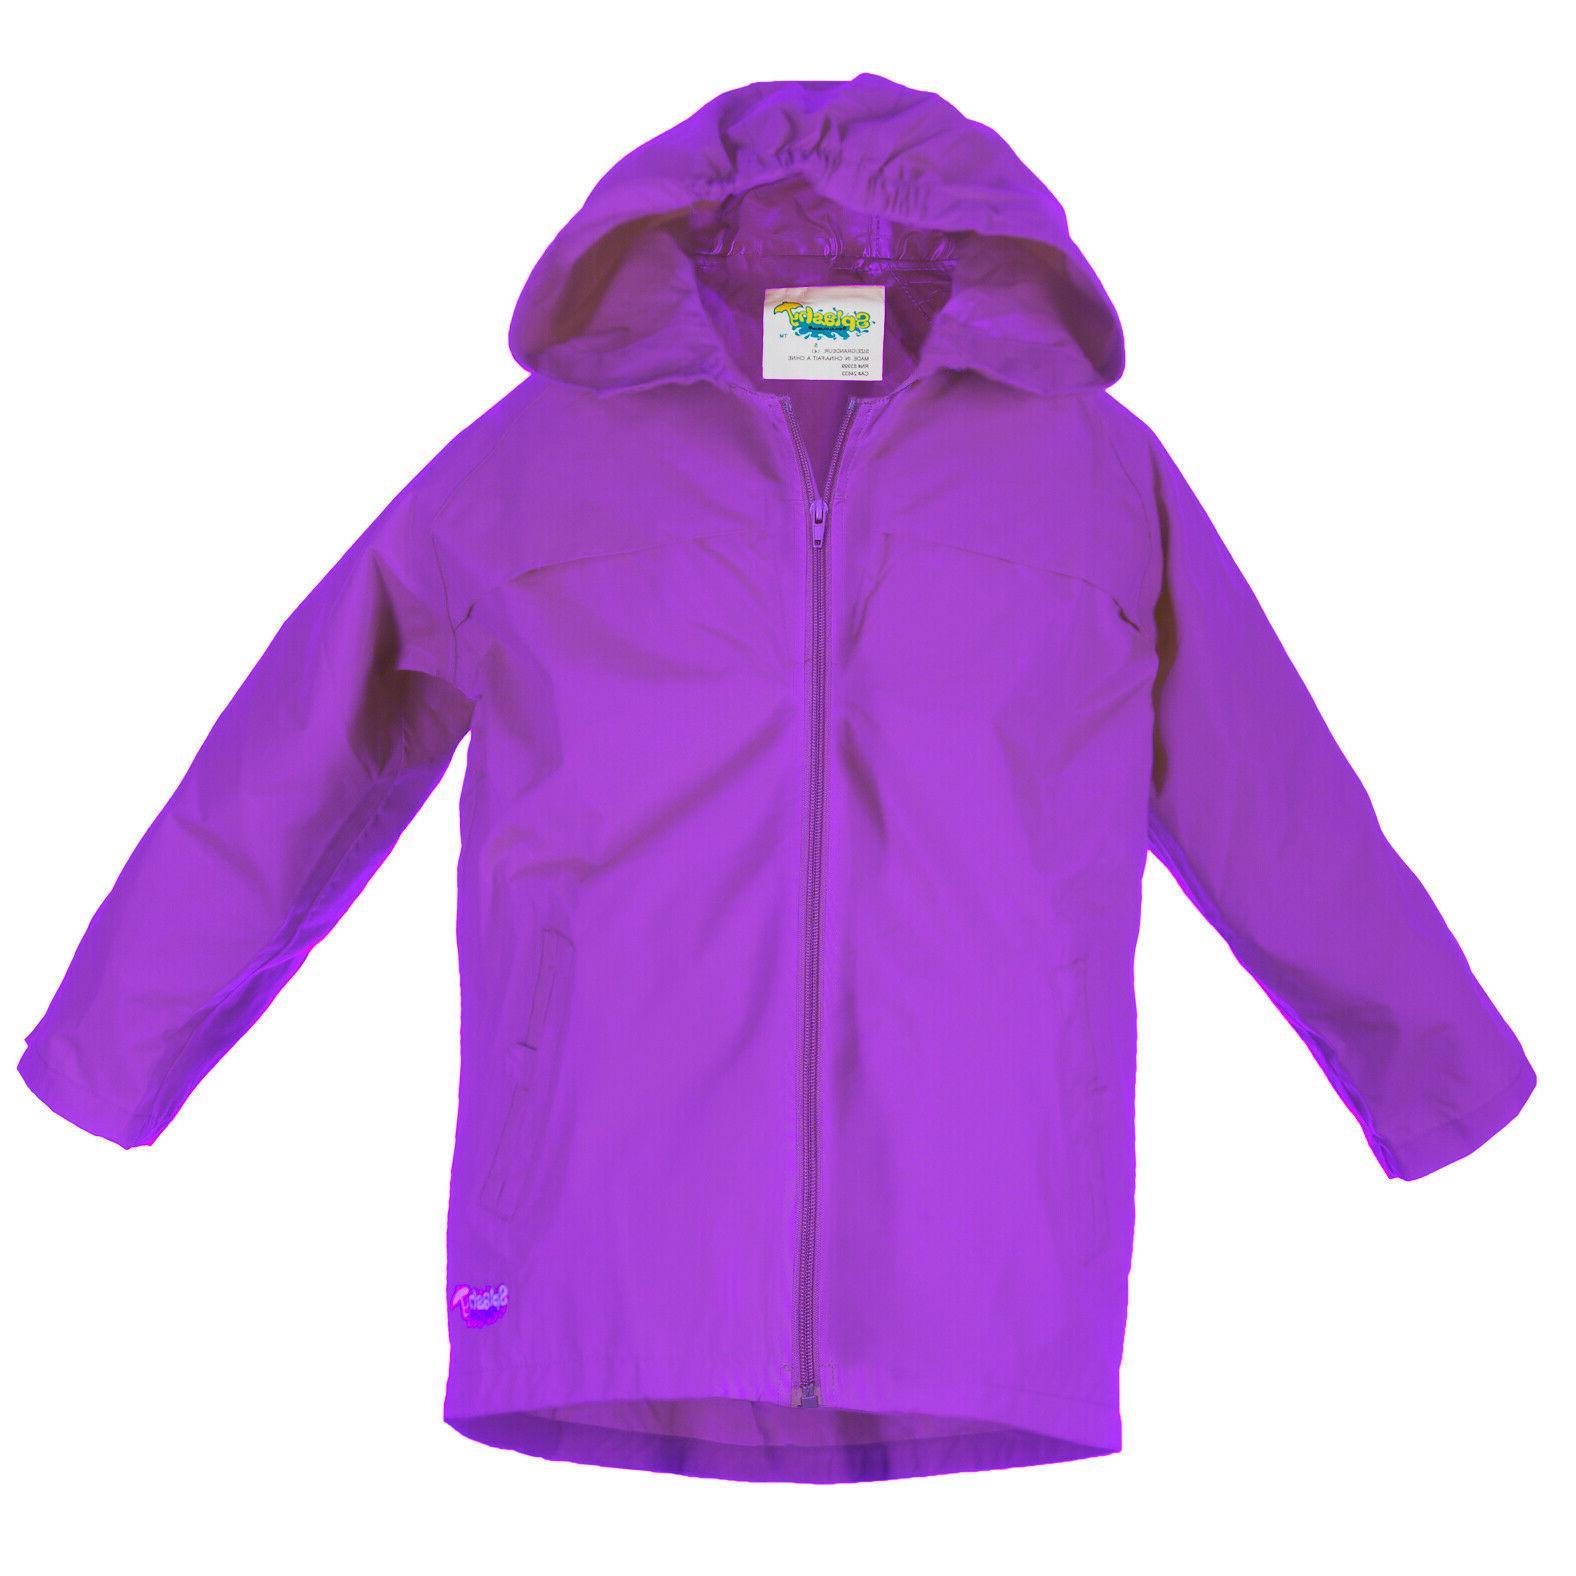 Splashy Nylon Rainwear Kids - Coat ~ Bright and